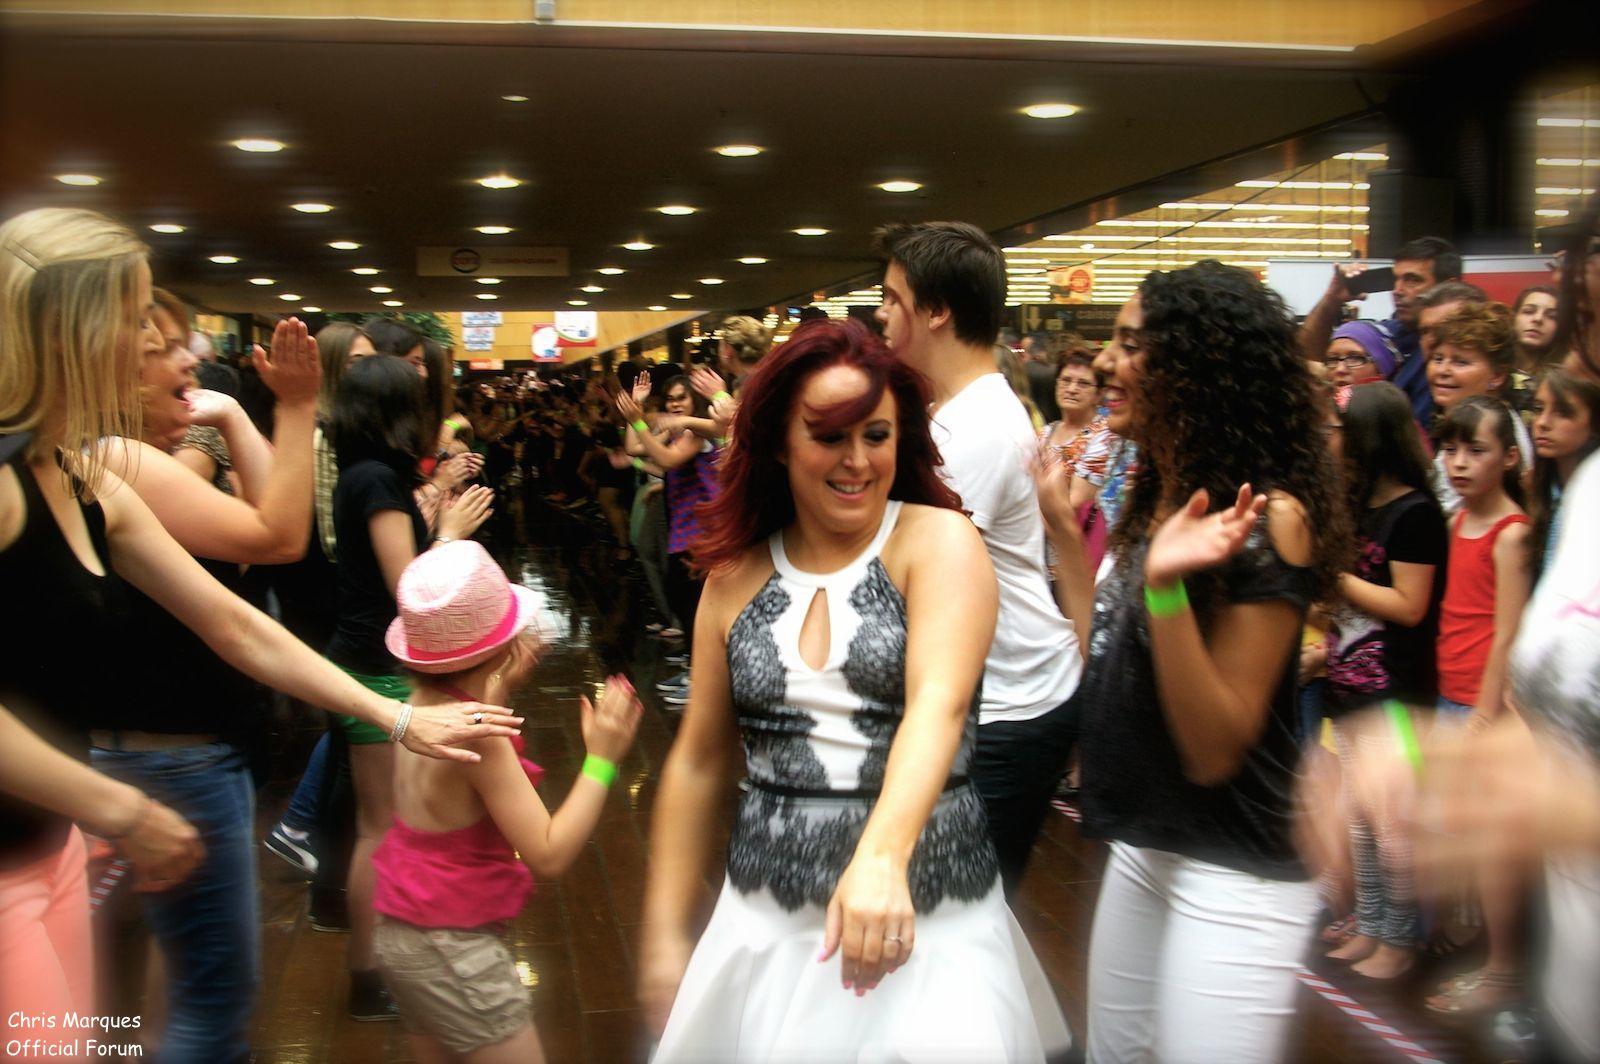 [14.06.2014] Evénement à #Colmar Chris Marques et Jaclyn Spencer pour un Flashmob/Cours de Danse/Dédicaces exceptionnels le tout organisé par la MJC de Colmar 512